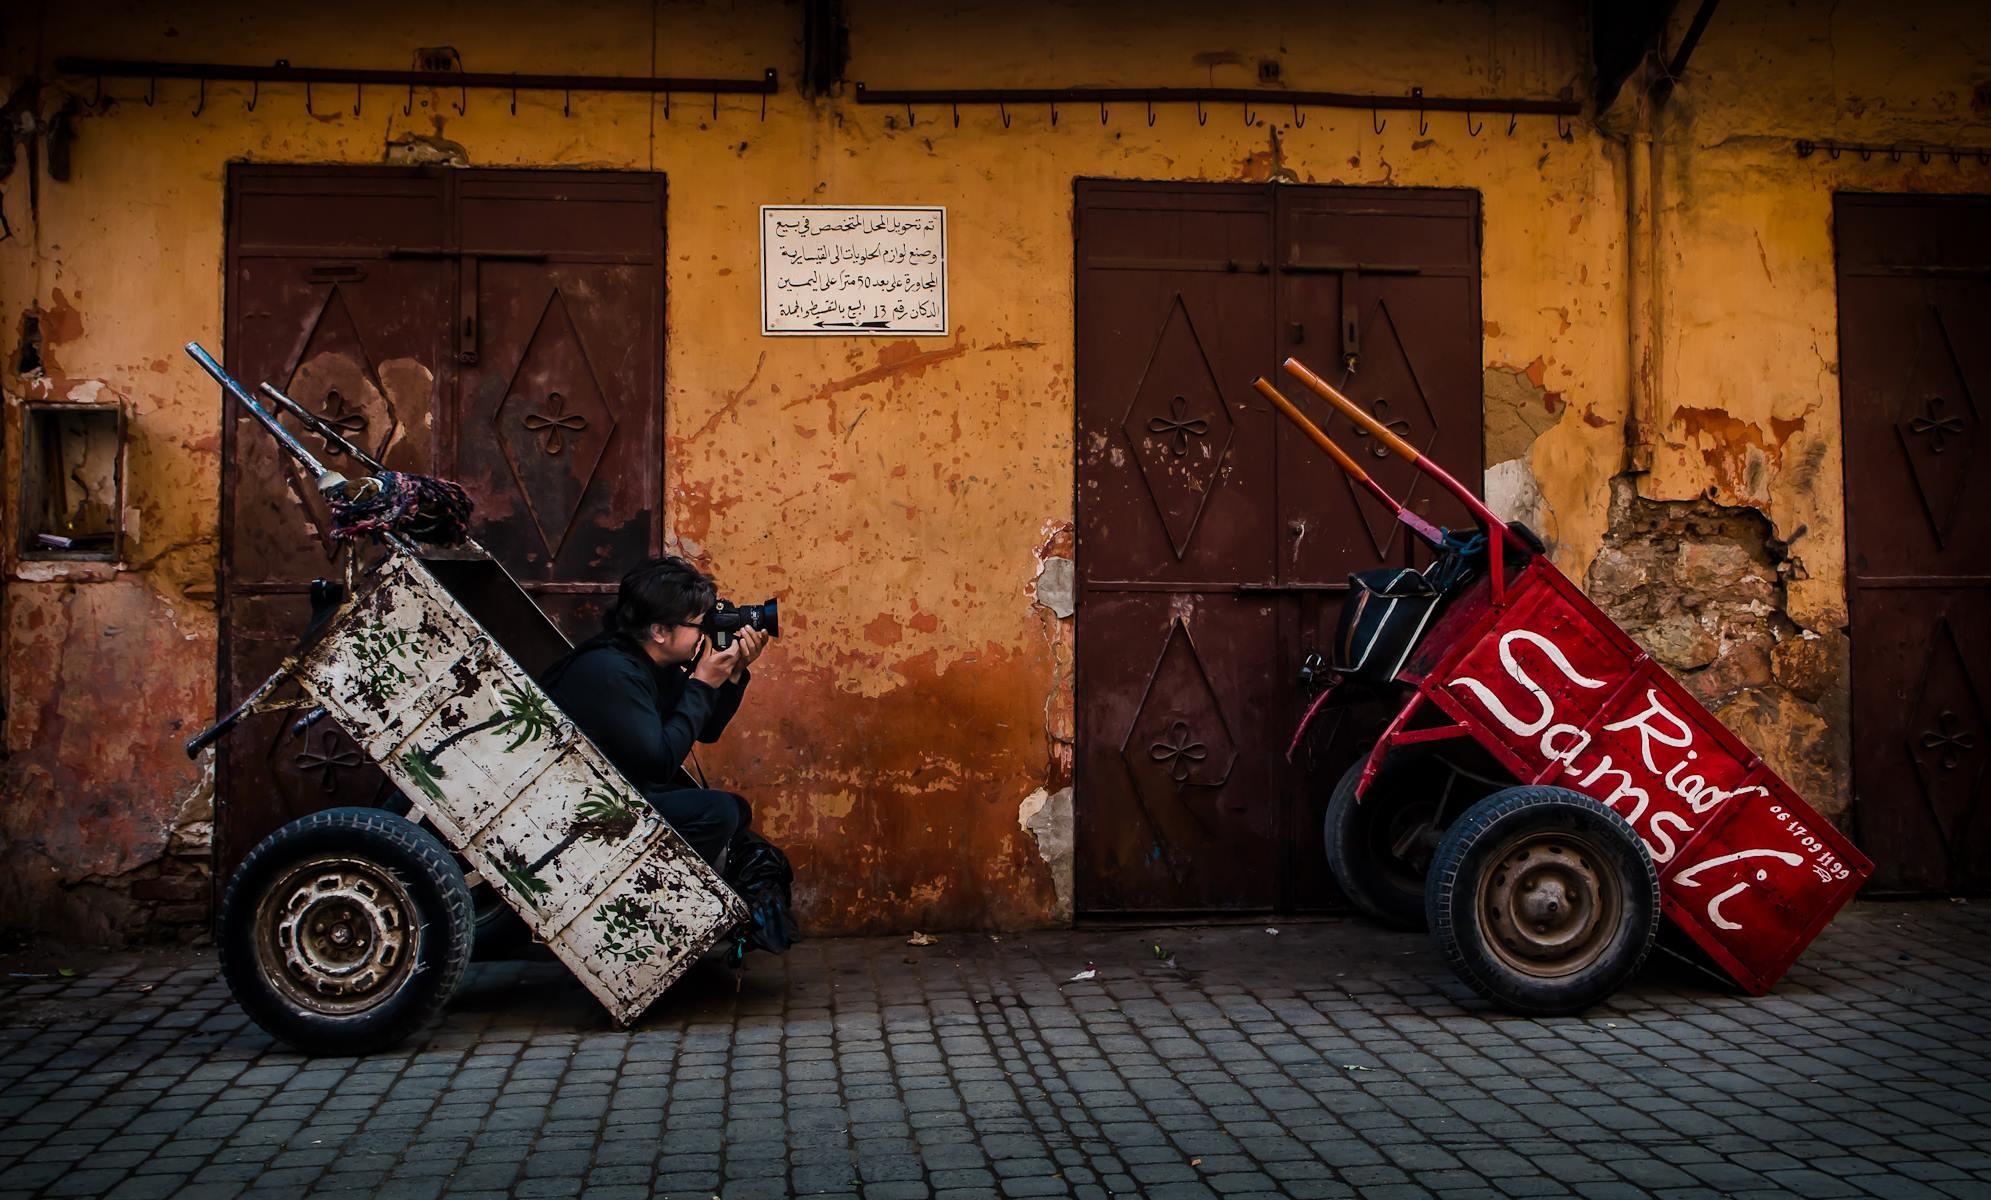 Puja al carro de la fotografia